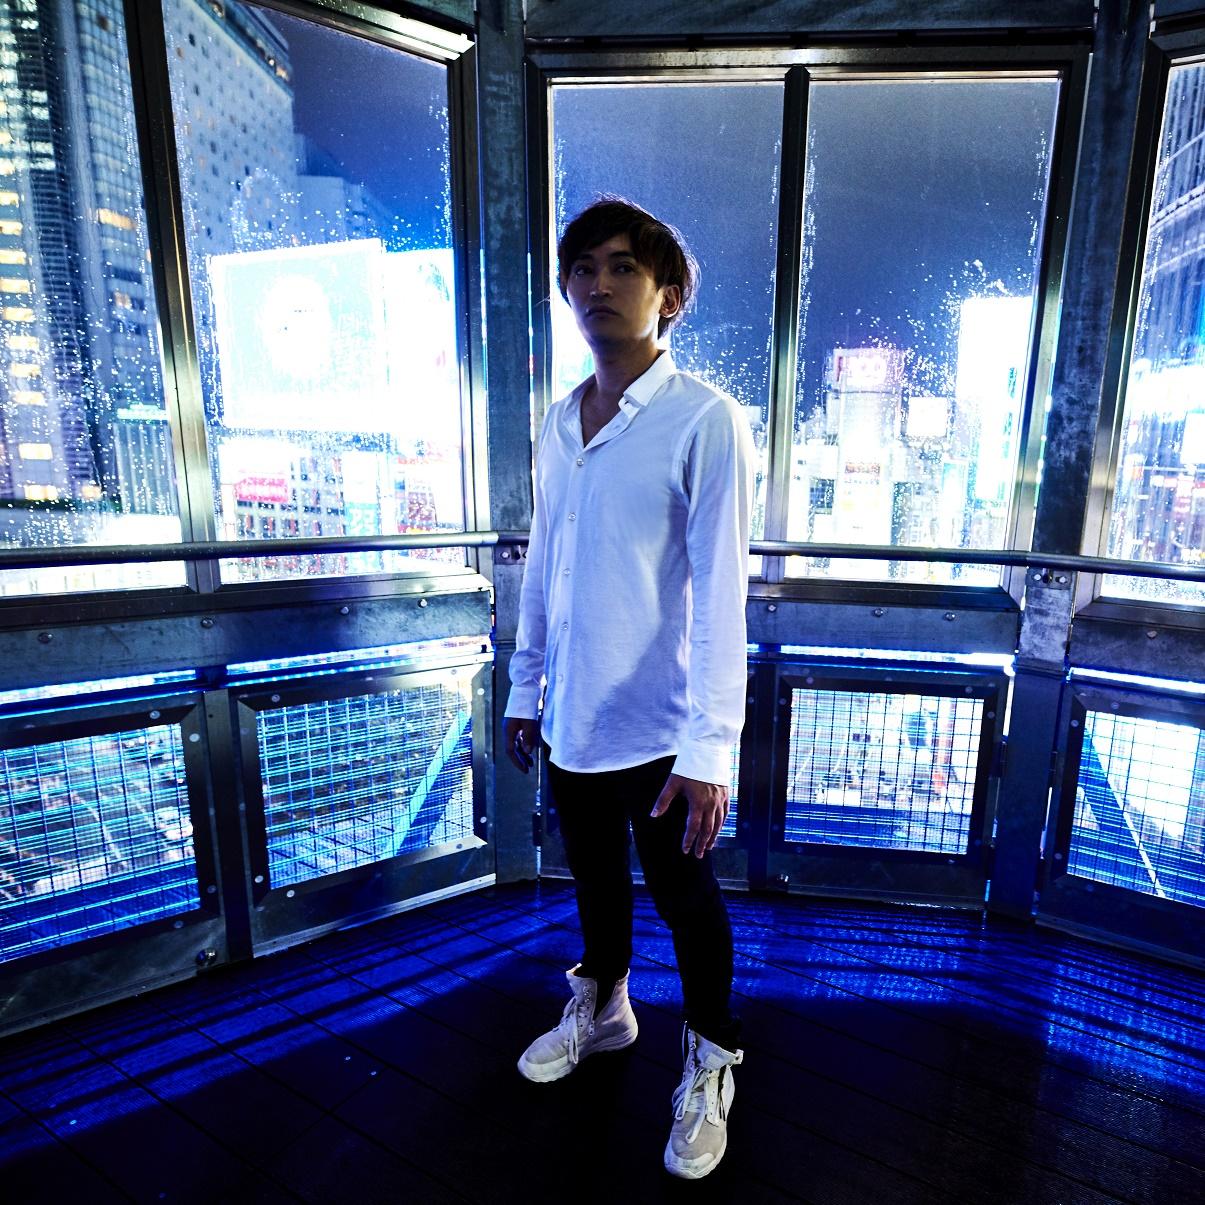 PAX JAPONICA GROOVE、新アルバムより「Untouchable」先行配信スタート&MV公開サムネイル画像